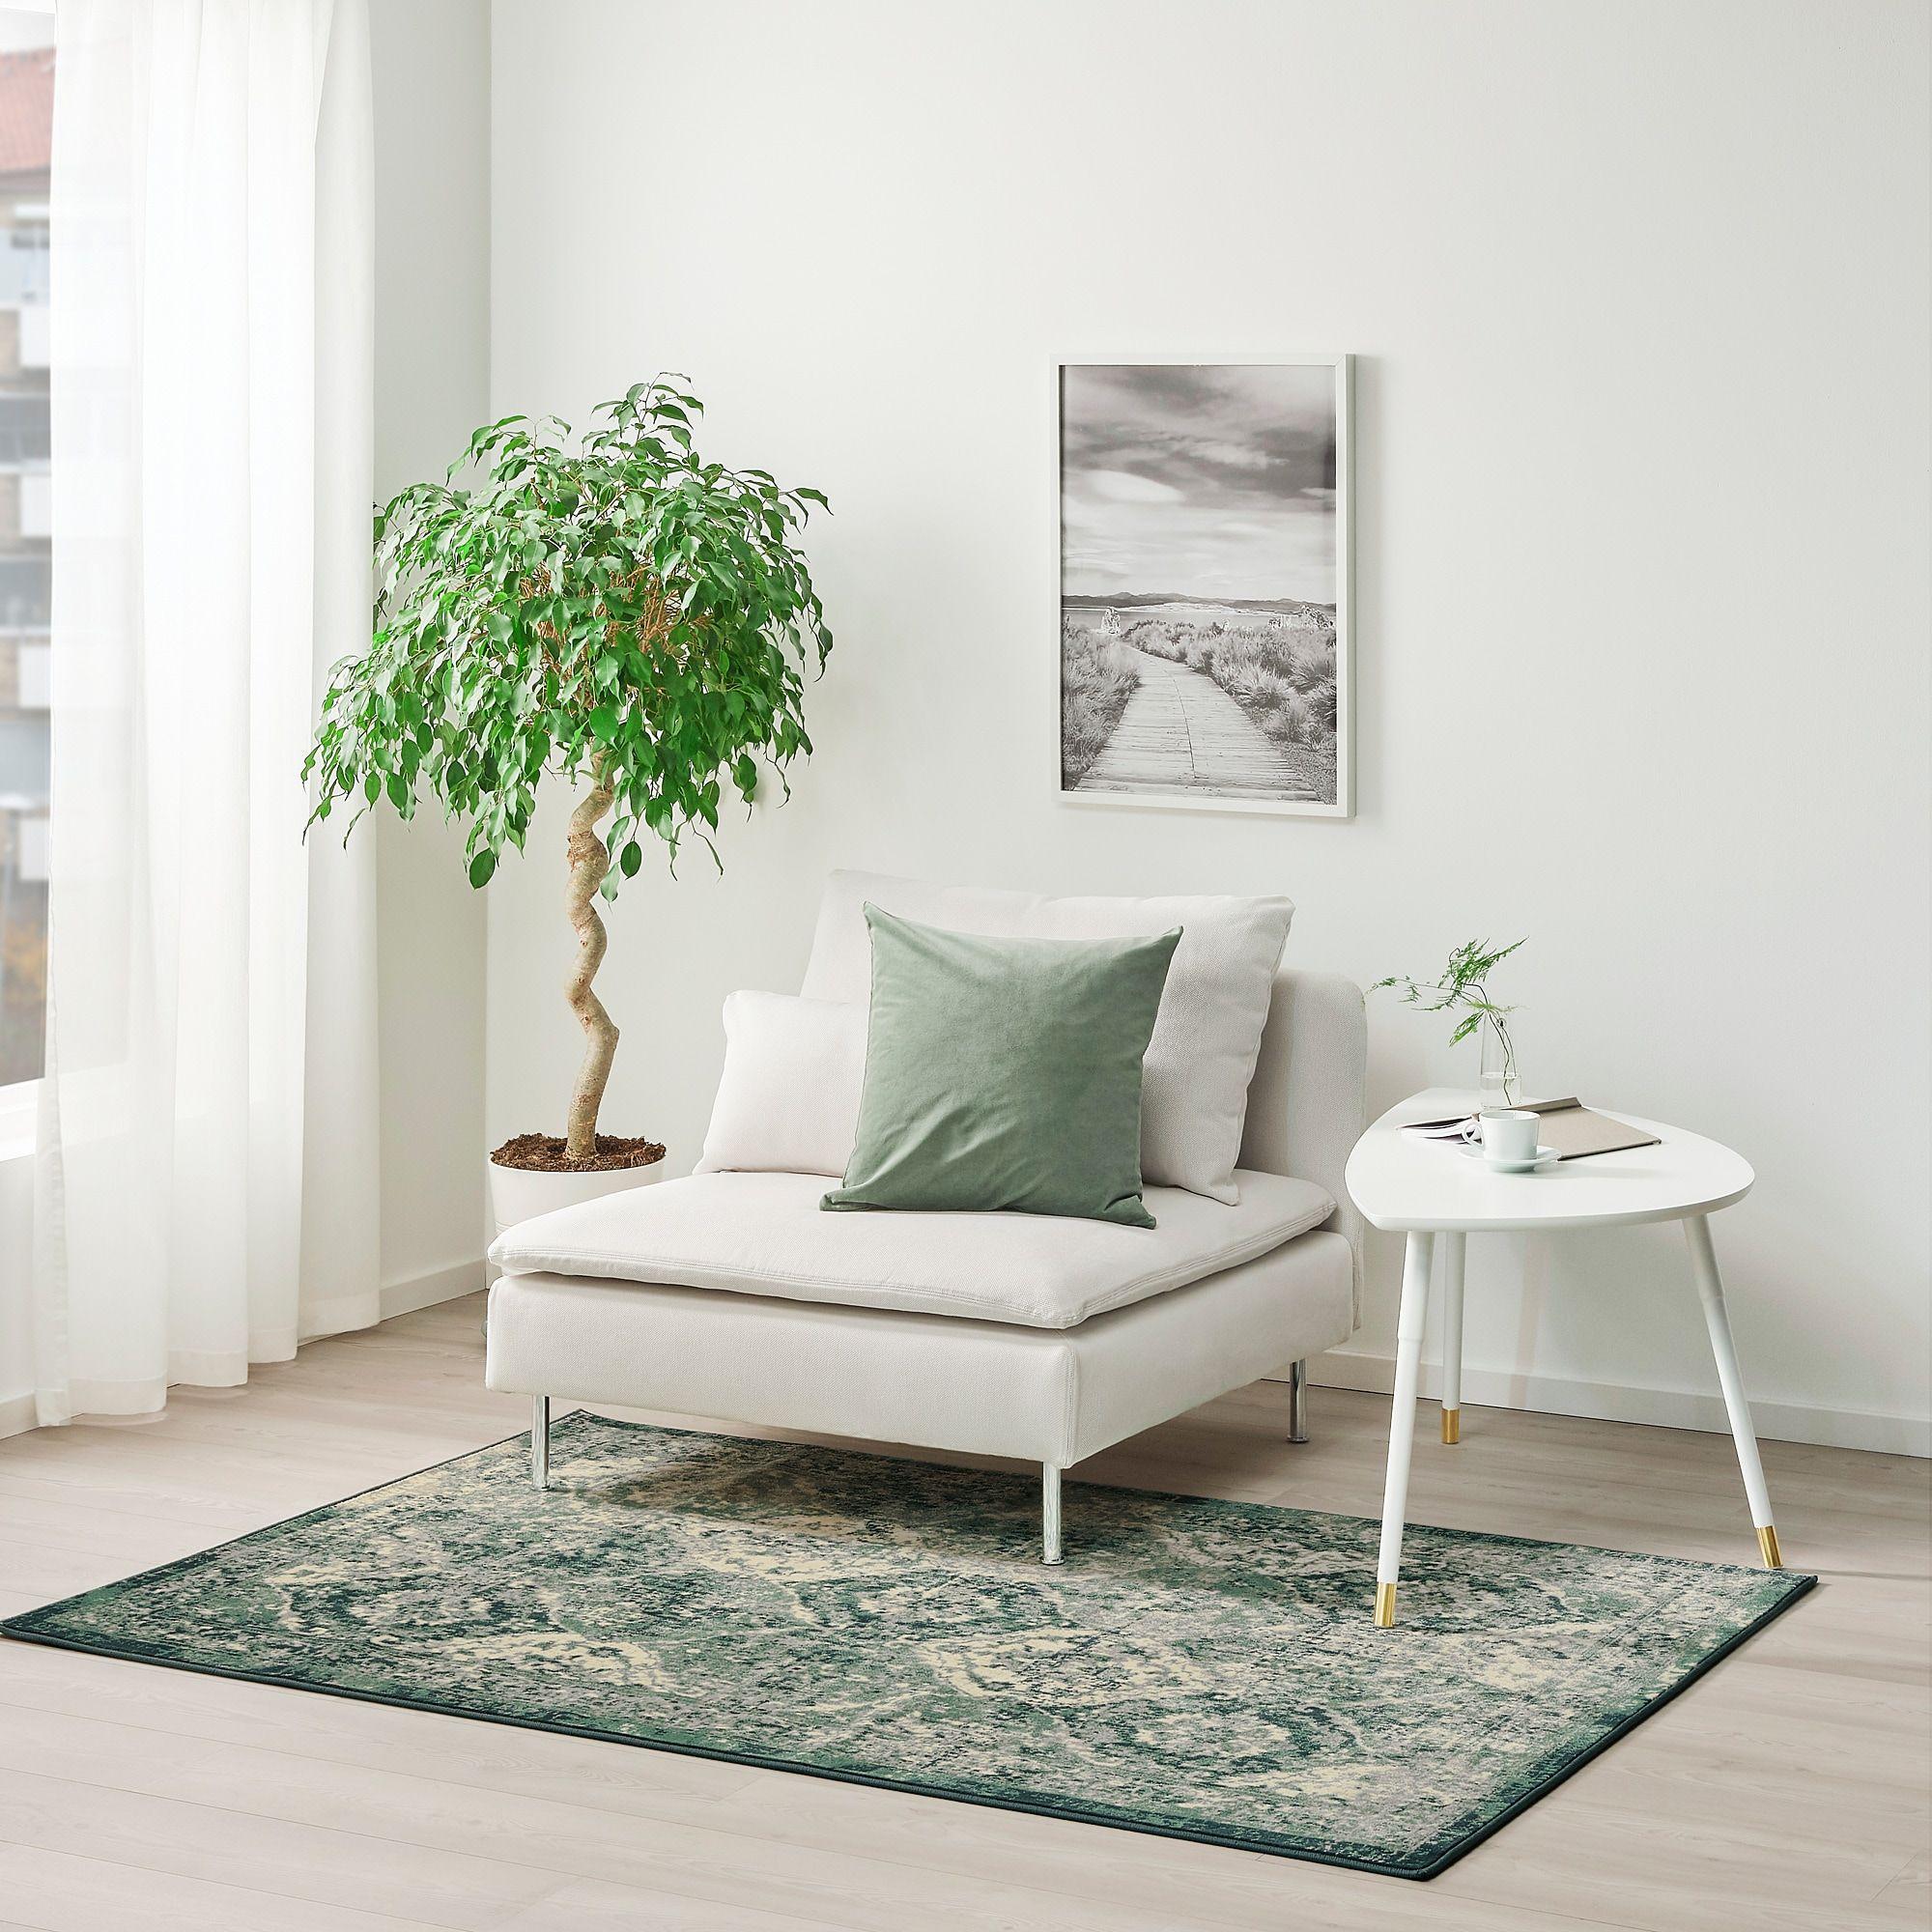 VonsbÄk Teppich Kurzflor Grün Hier Entdecken Ikea Österreich Ikea Rug Vedbaek How To Clean Carpet